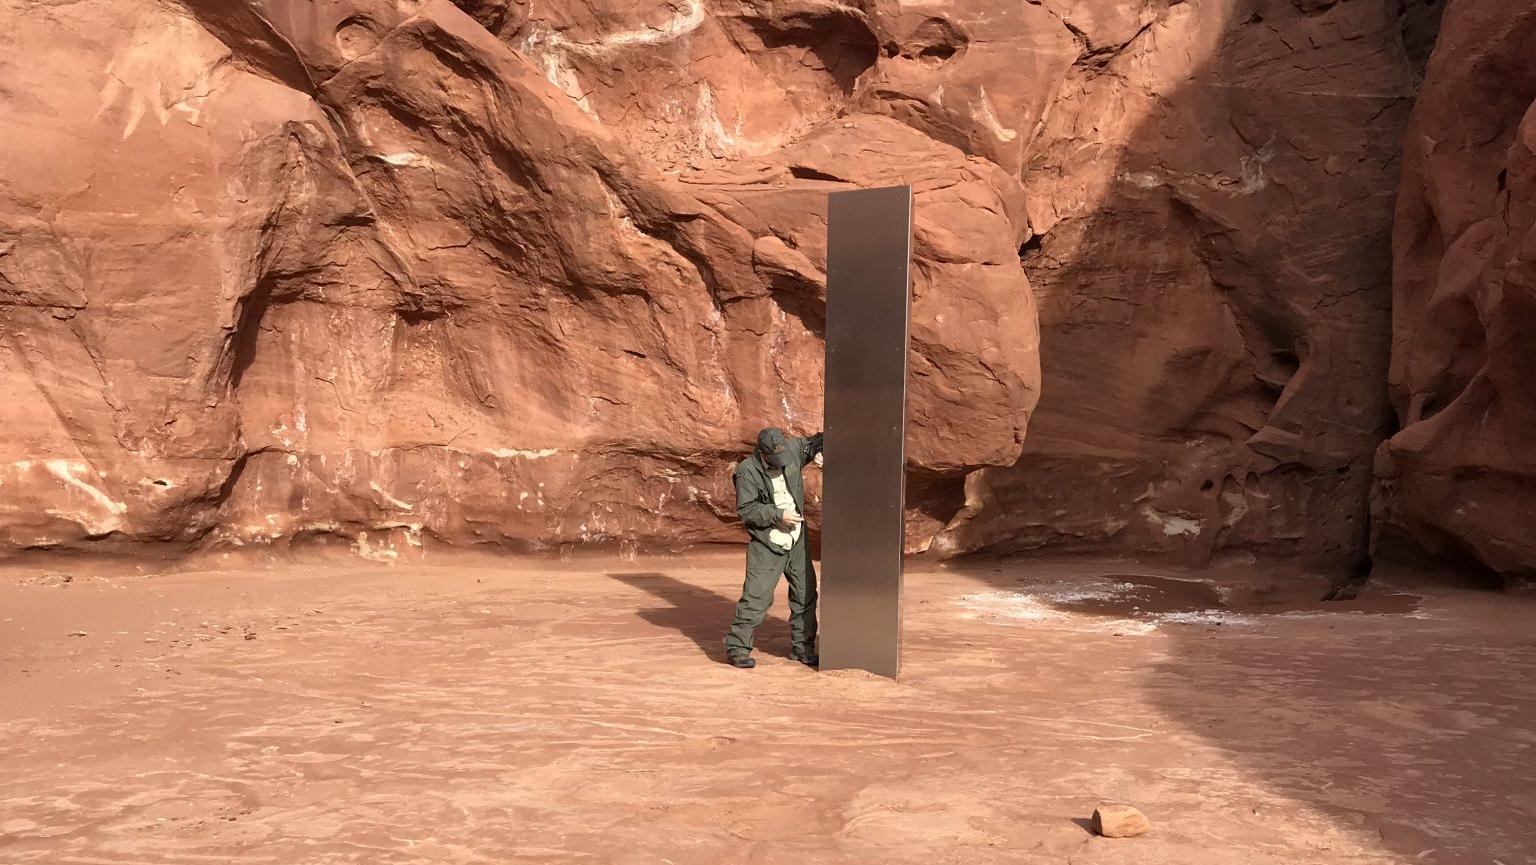 mysteri-ser-metall-monolith-in-der-w-ste-von-utah-entdeckt